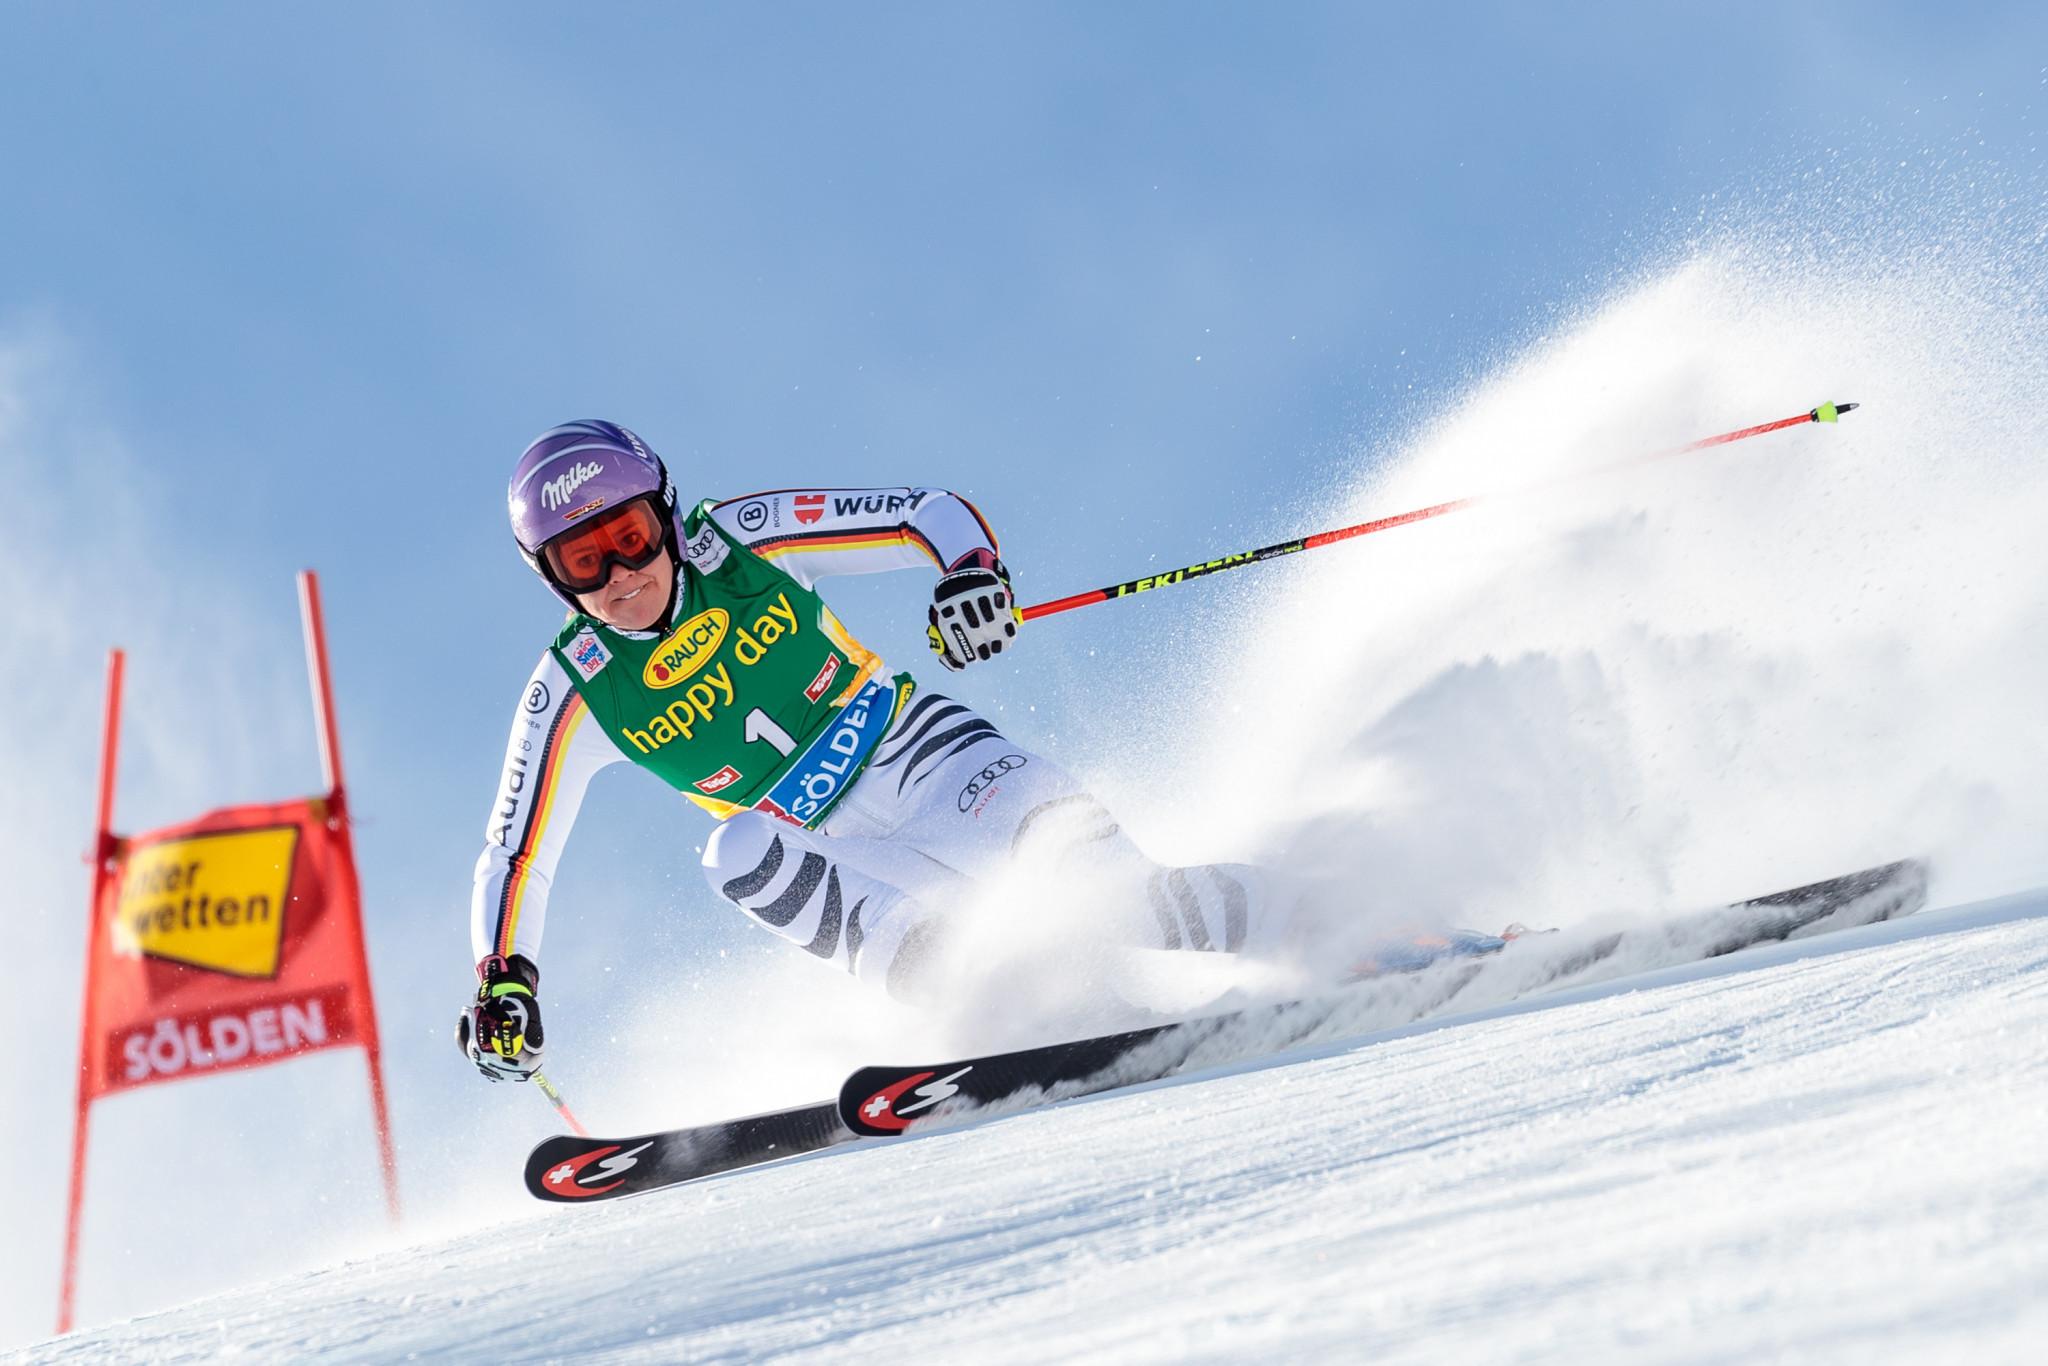 nieuw product mooie schoenen buy Positive snow control given for FIS Alpine World Cup opener ...